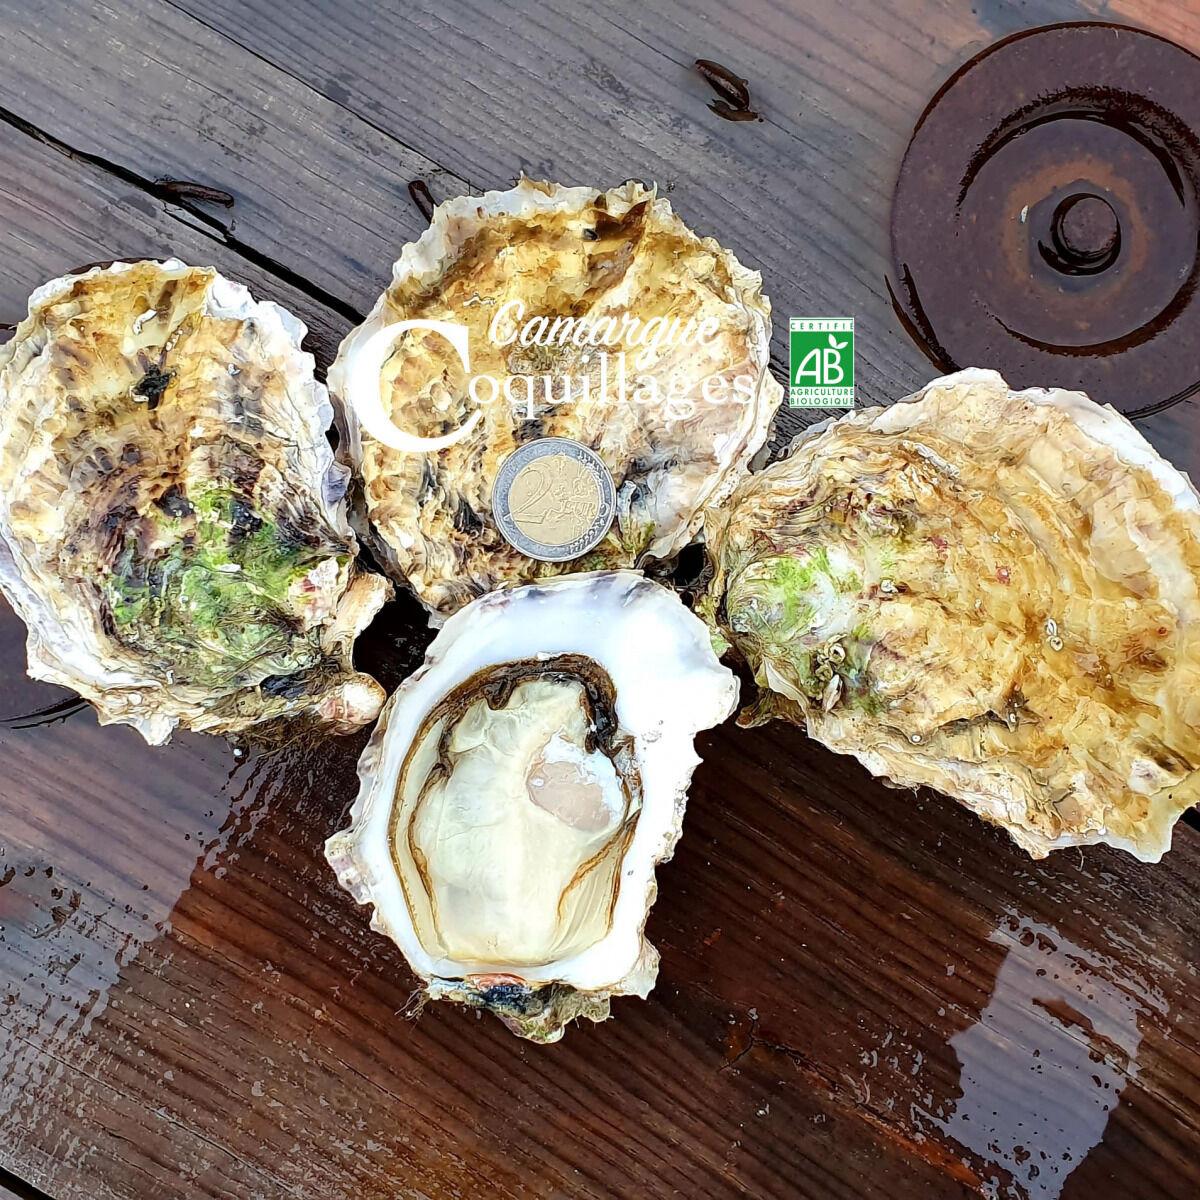 Camargue Coquillages La Perle De Camargue Huîtres Creuses Bio - Grosses À Cuire